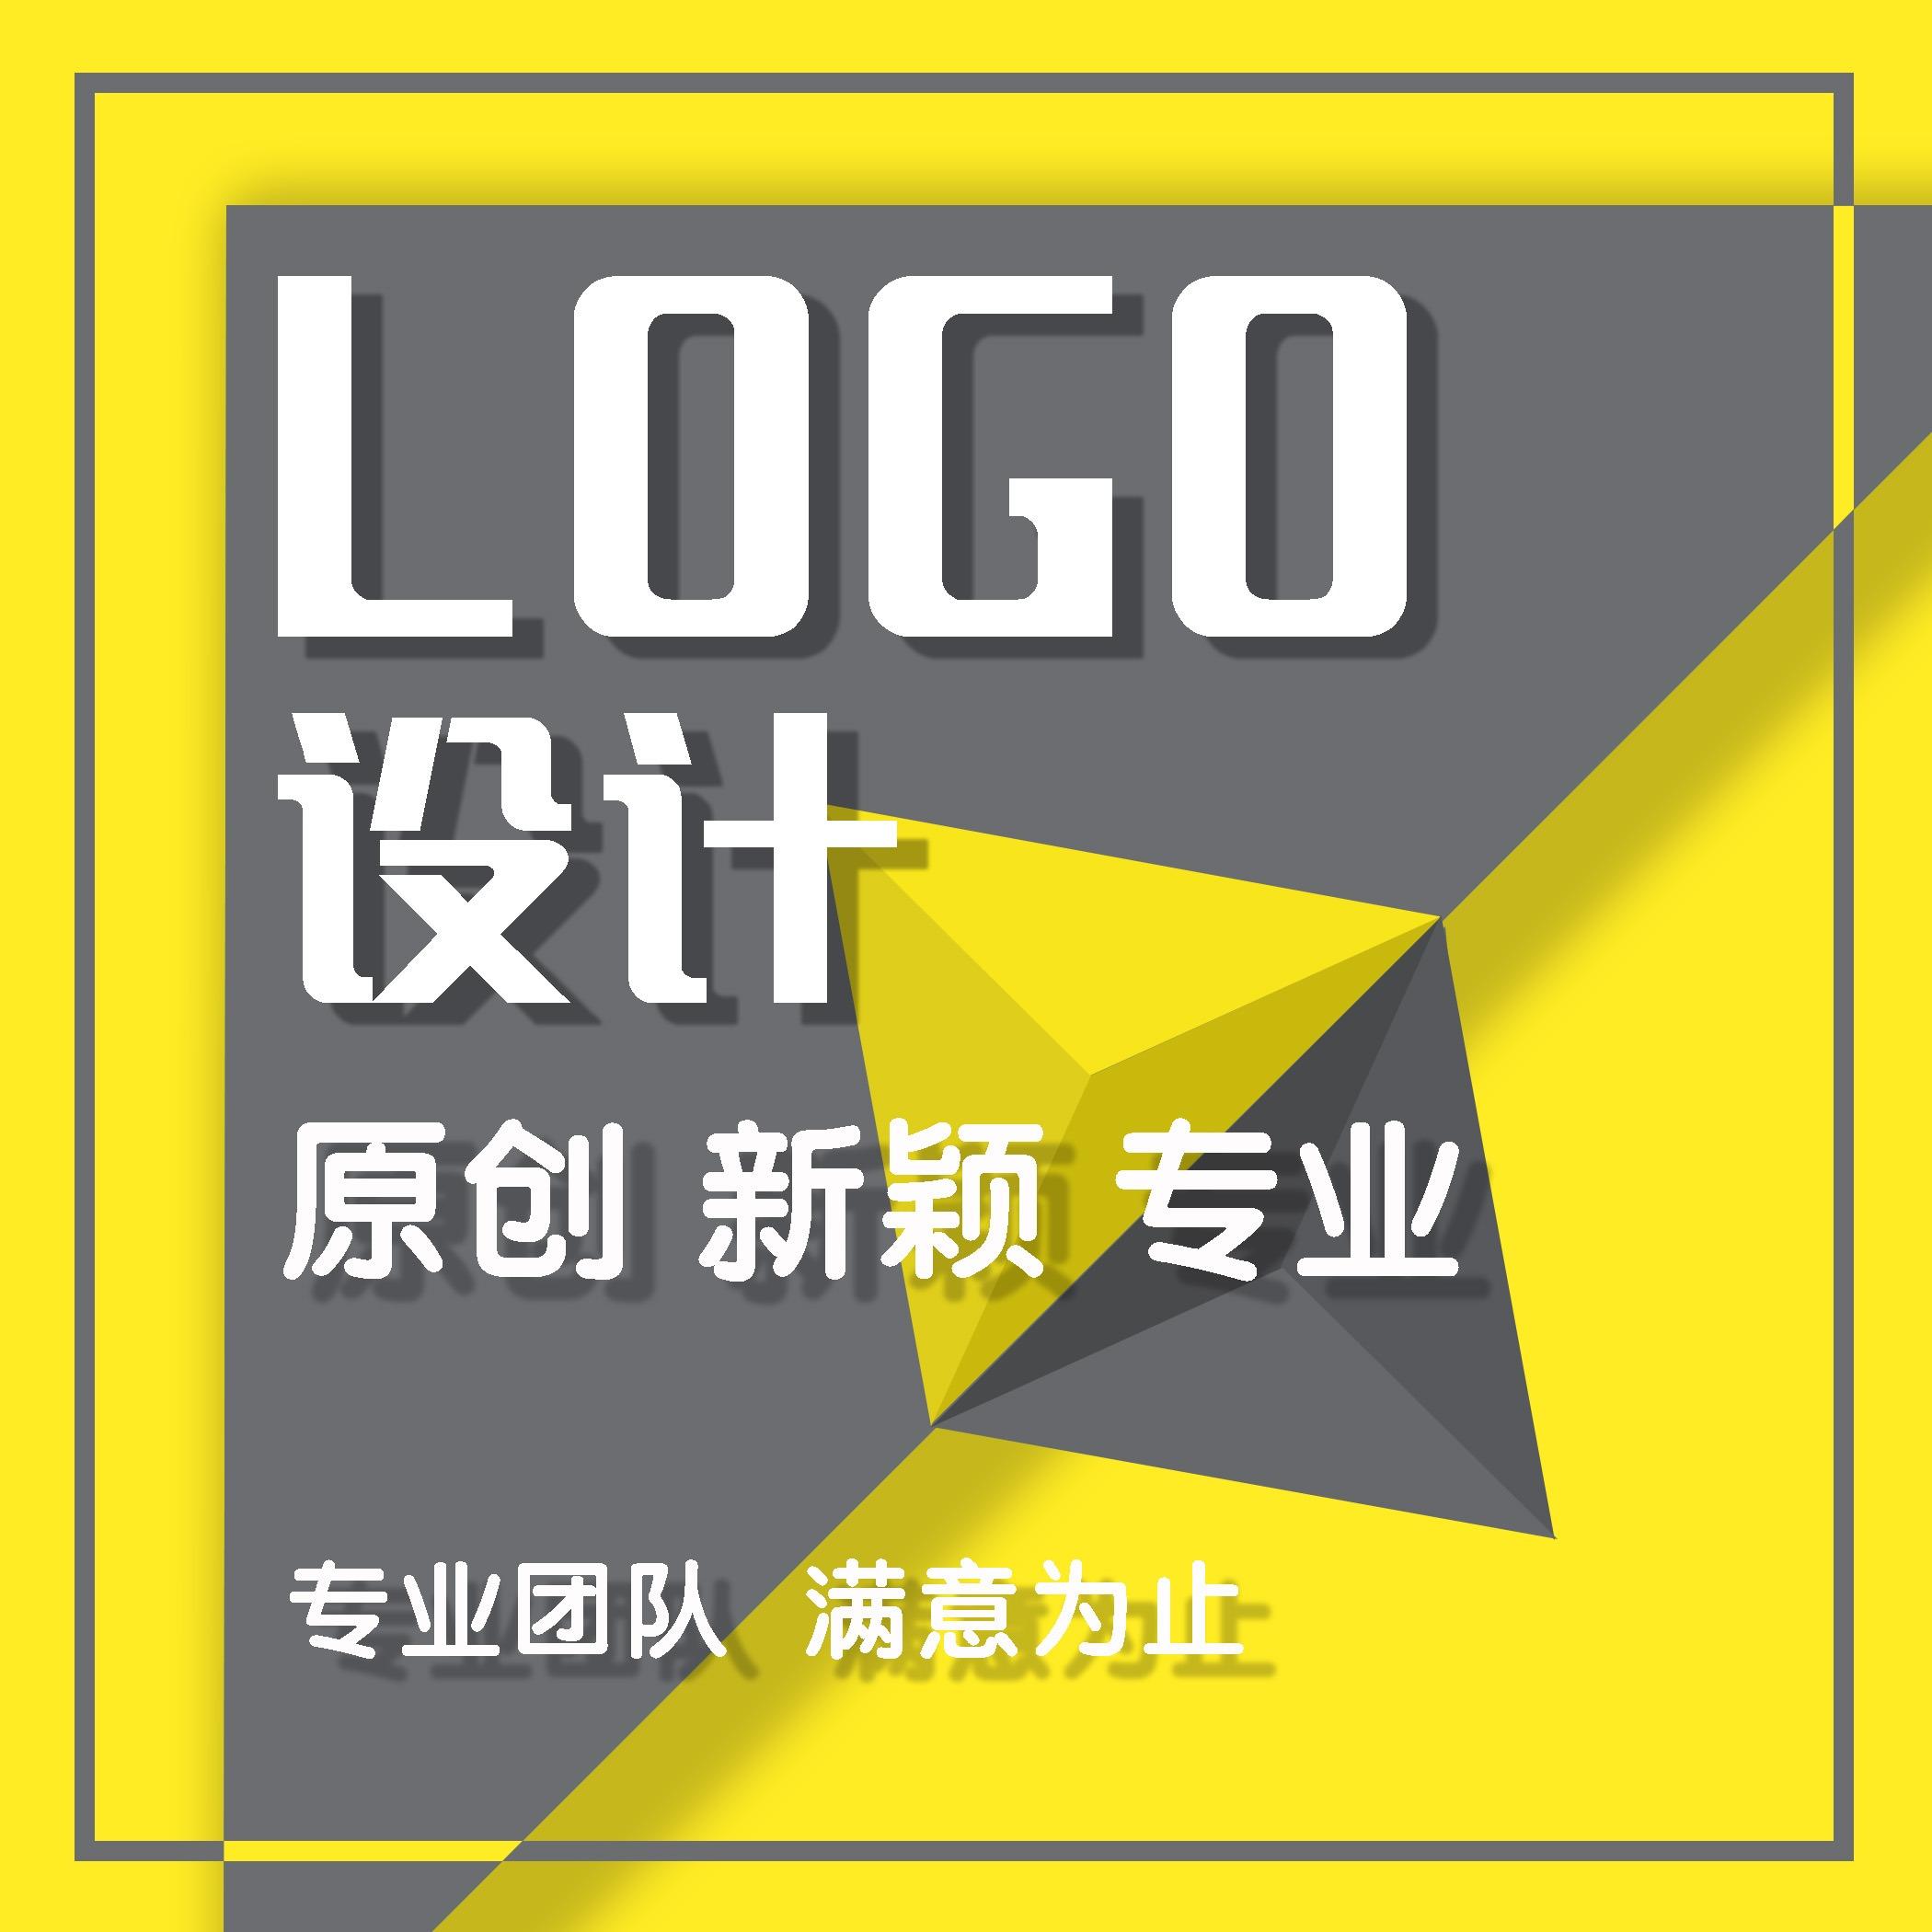 【LOGO设计】原创标识品牌企业餐饮图文标志字体设计